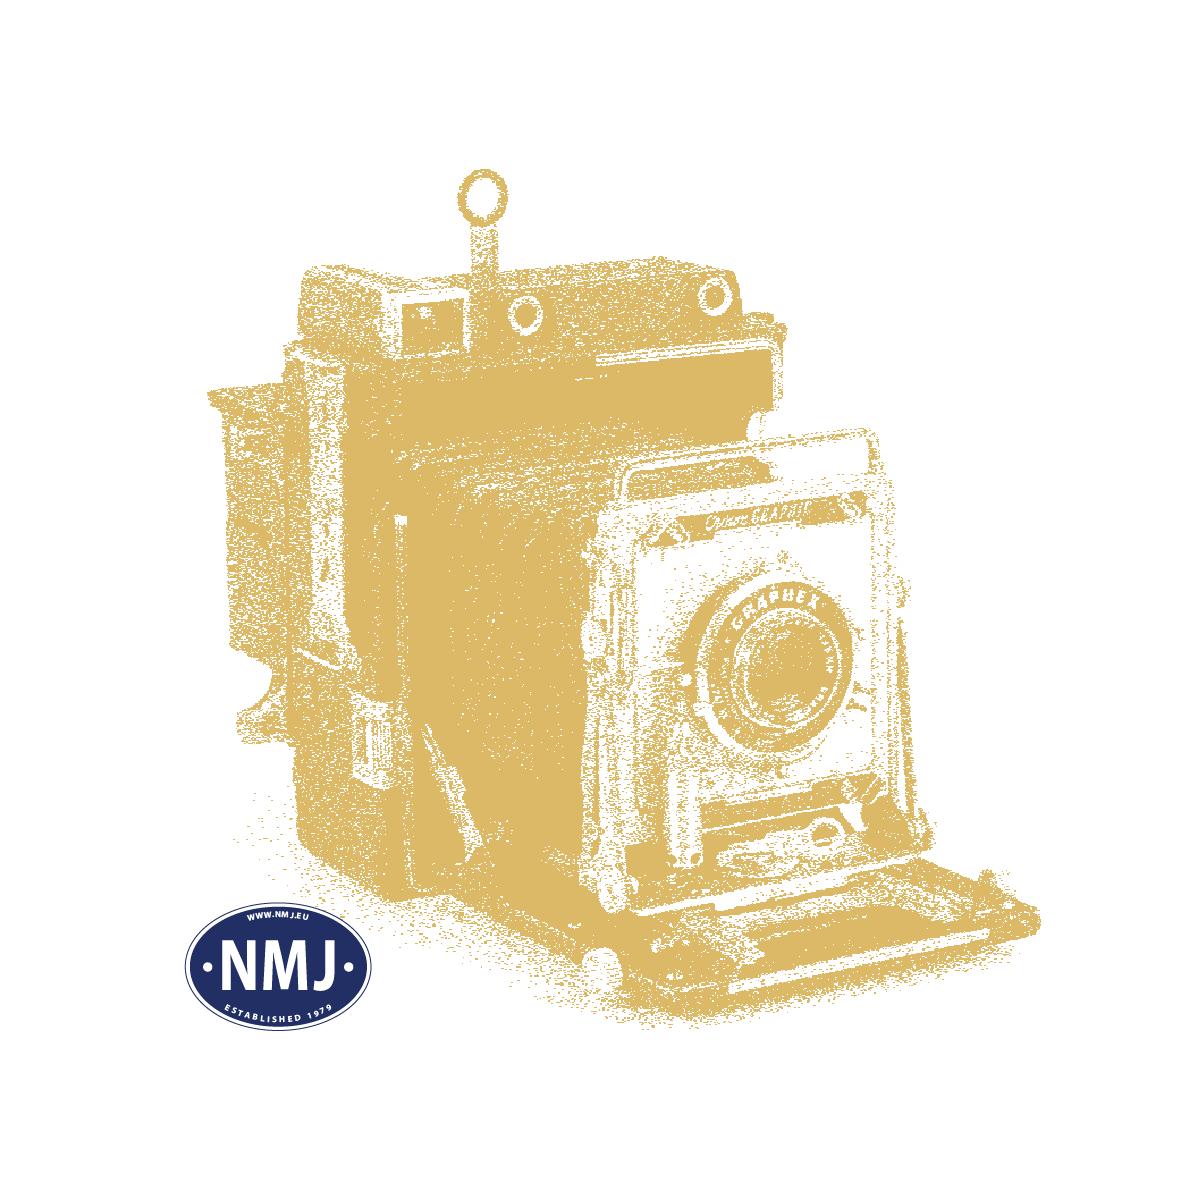 NMJT205.502 - NMJ Topline SJ B5K 4898 2 kl. Personvogn, Inter-Regio farger